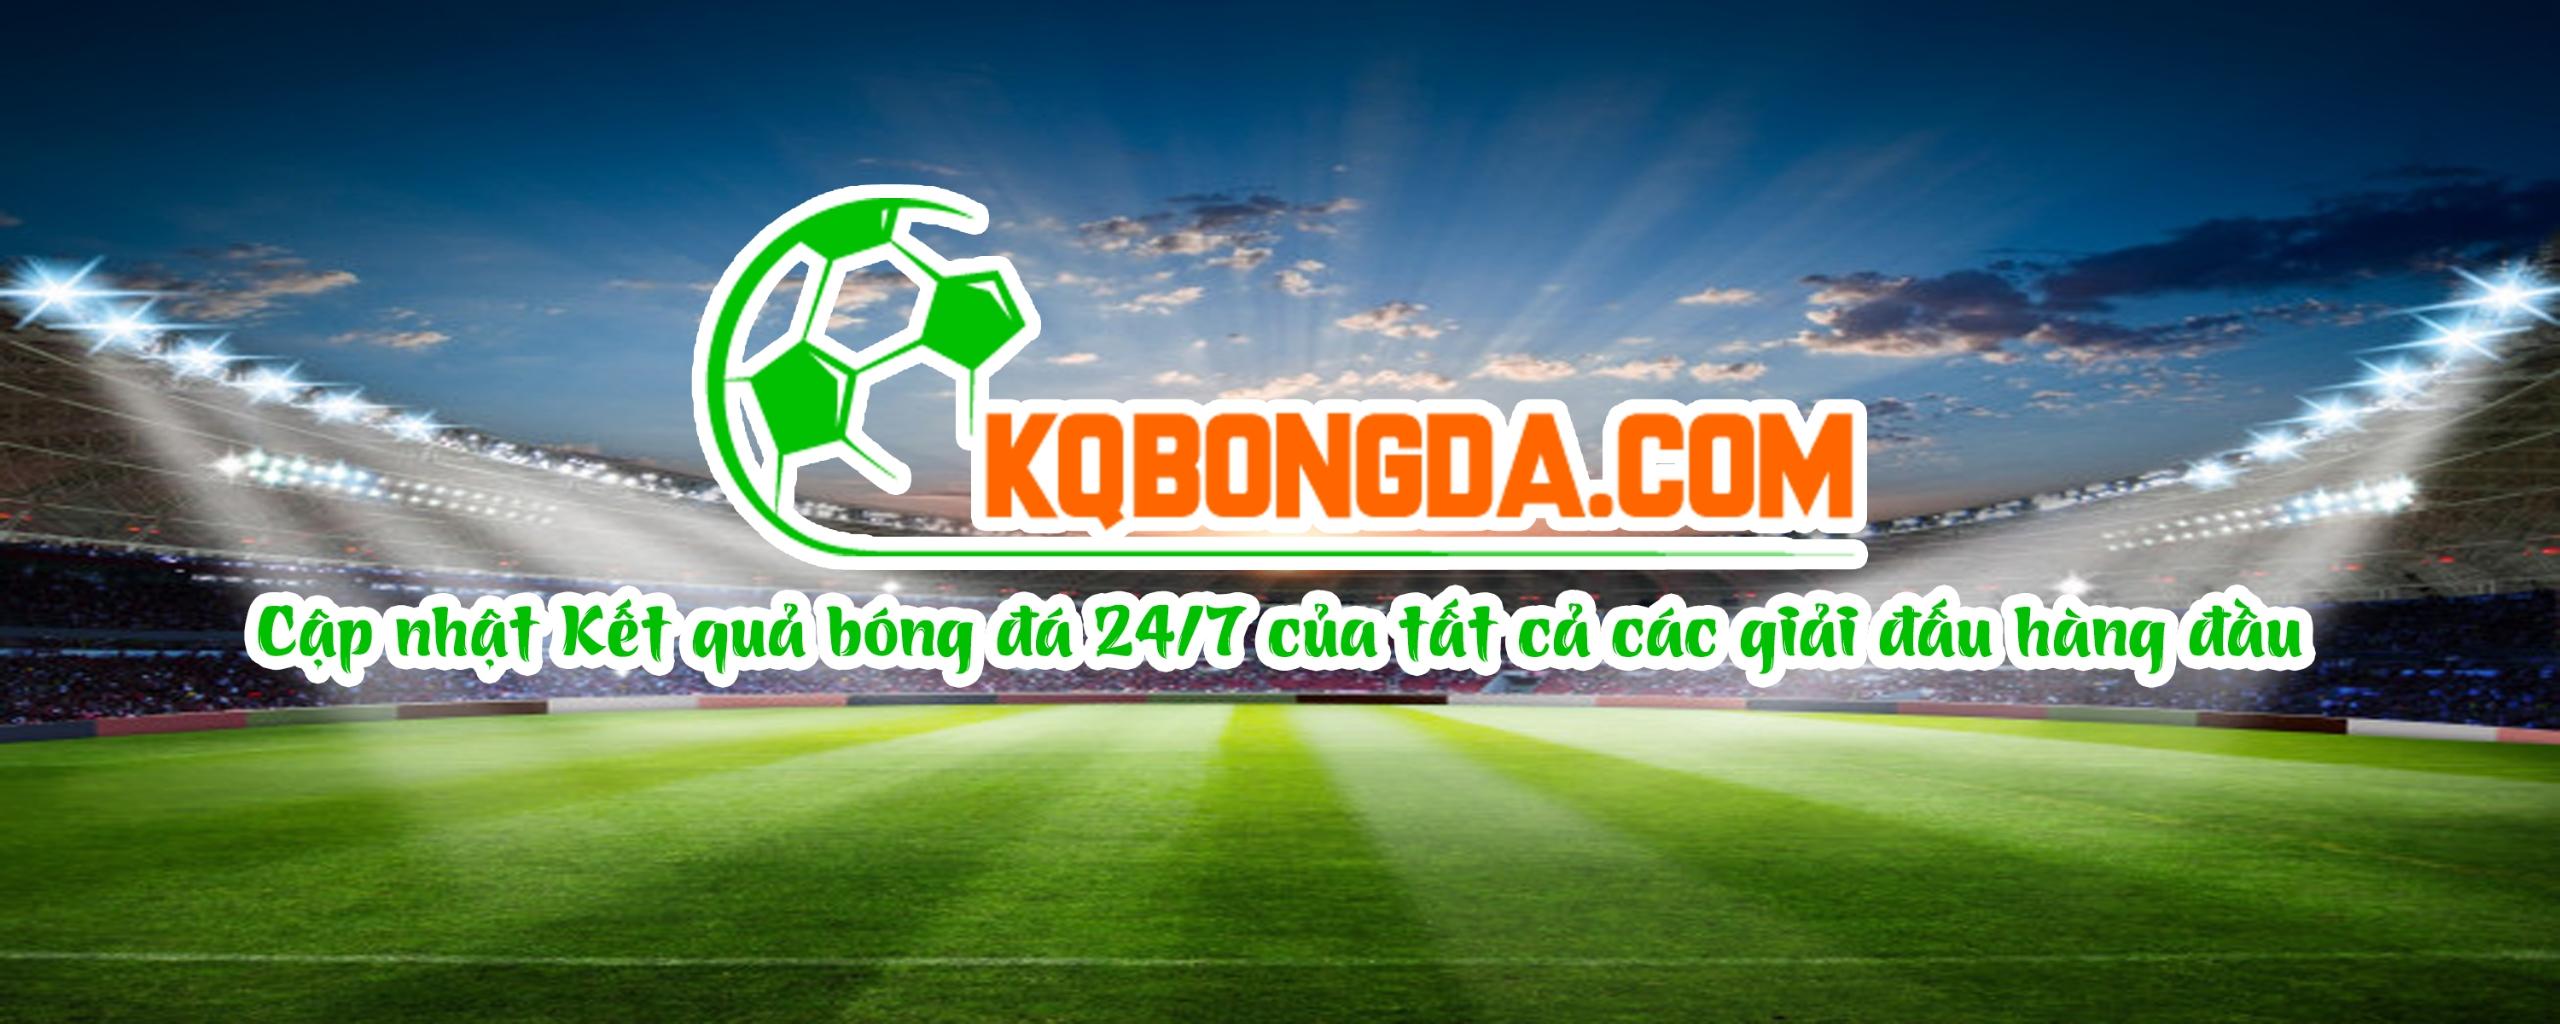 Kqbongdacom (@kquabongda22) Cover Image